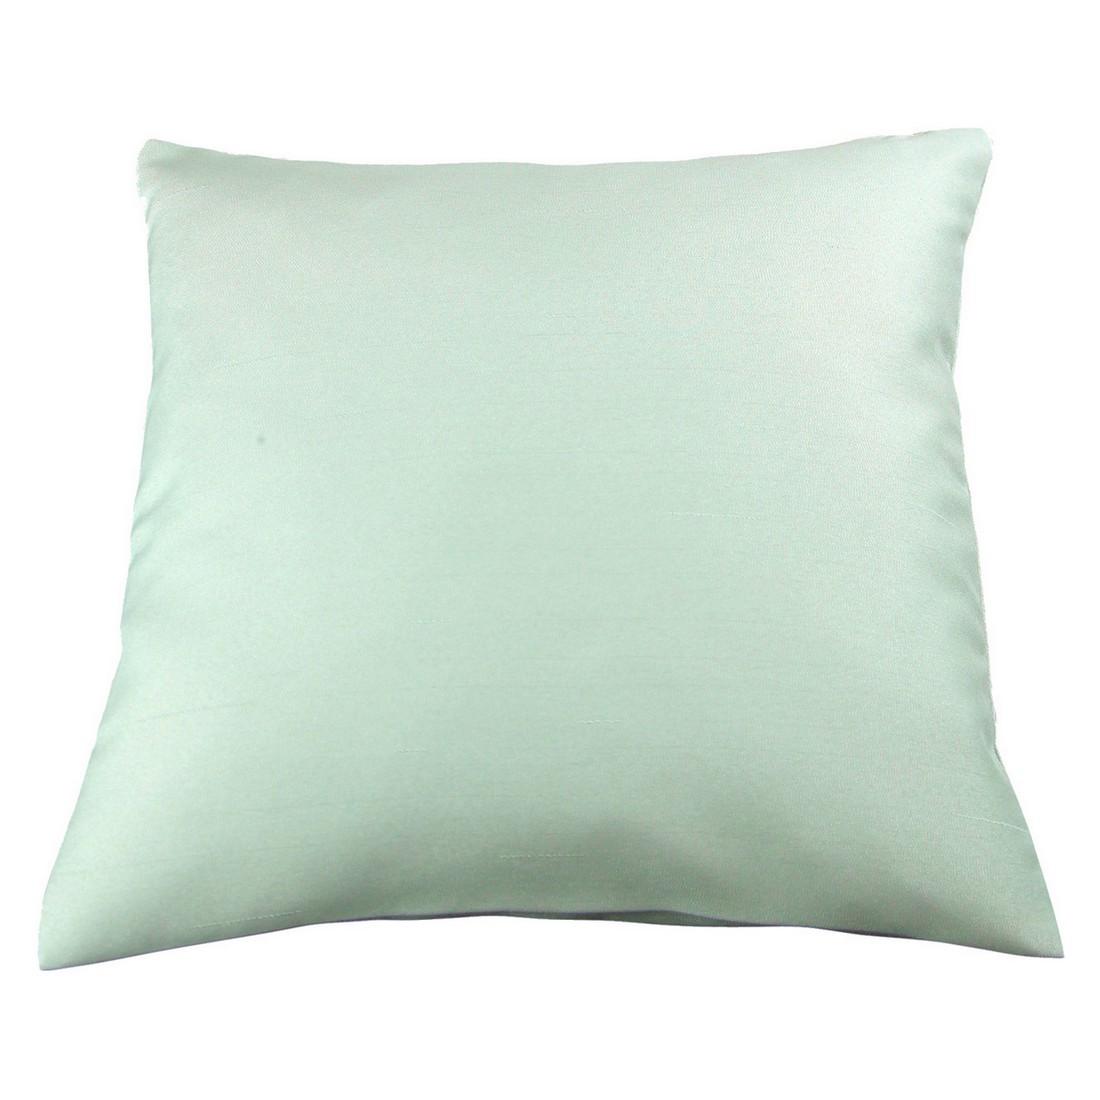 Kissenhülle Nova (2er,4er oder 6er-Set) – Mint – 50 x 50 cm – 4 Kissen, MiBiento Living jetzt bestellen